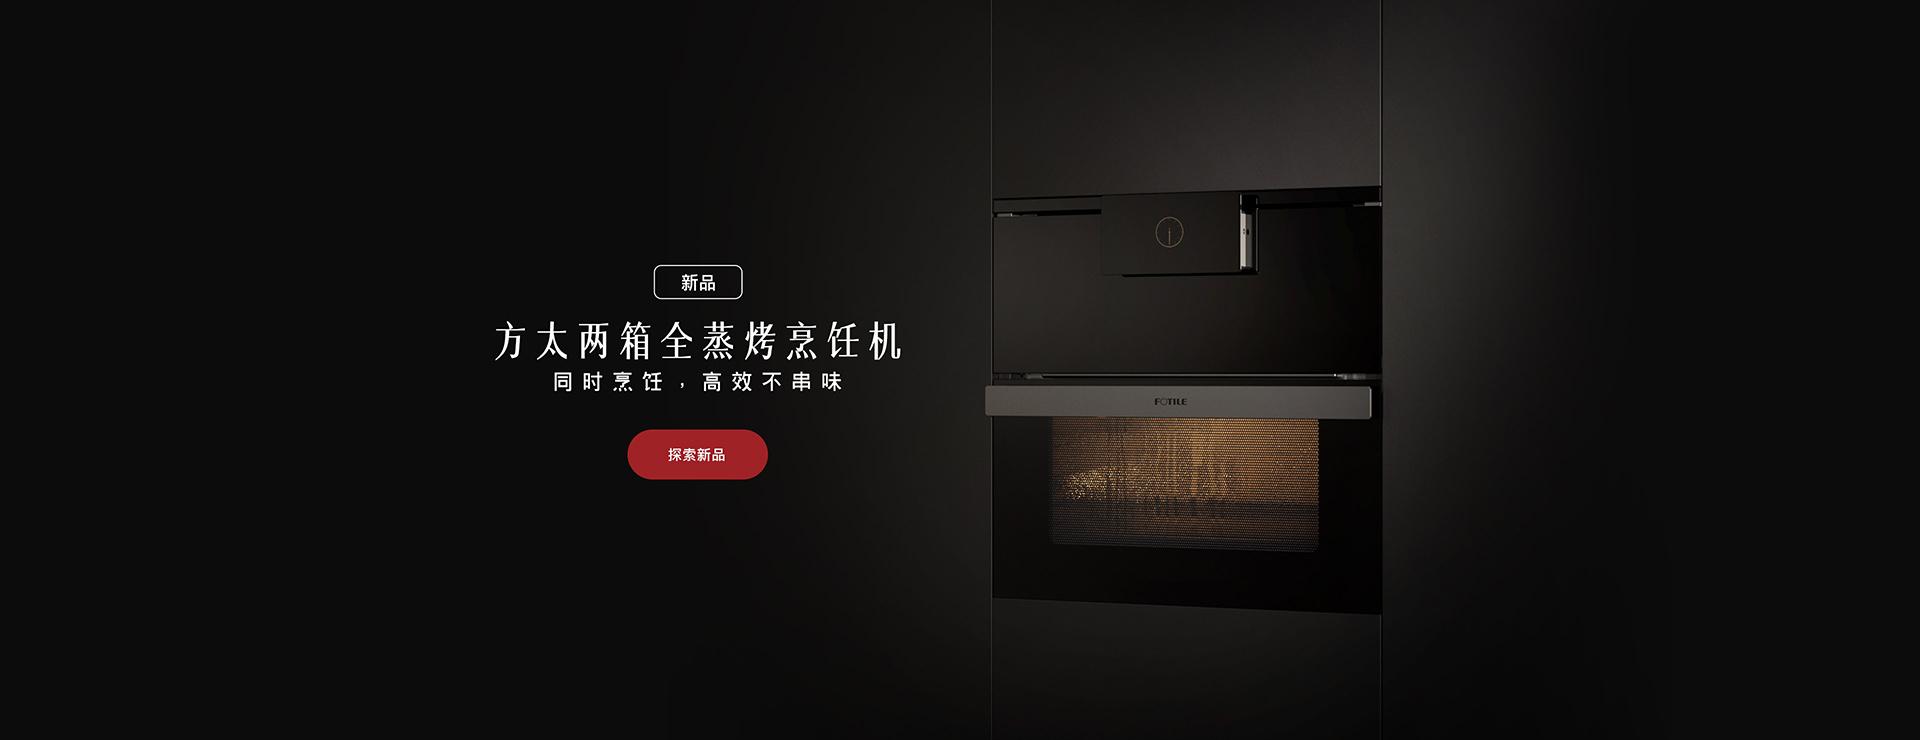 年度新品两箱全蒸烤烹饪机 - FOTILE方太厨房电器官方网站